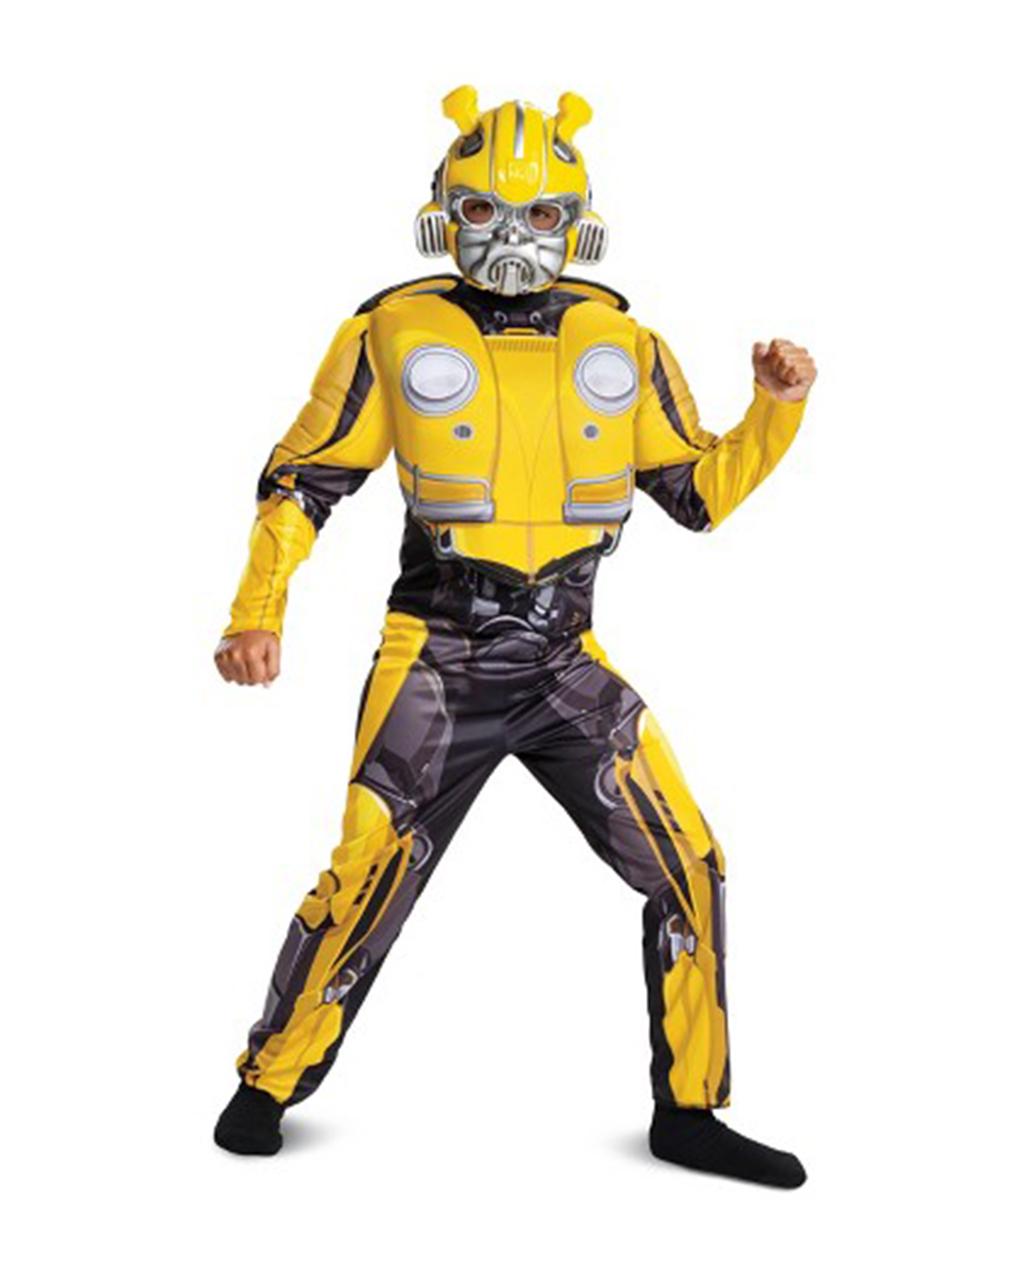 Transformers Bumblebee Children Costume for Halloween